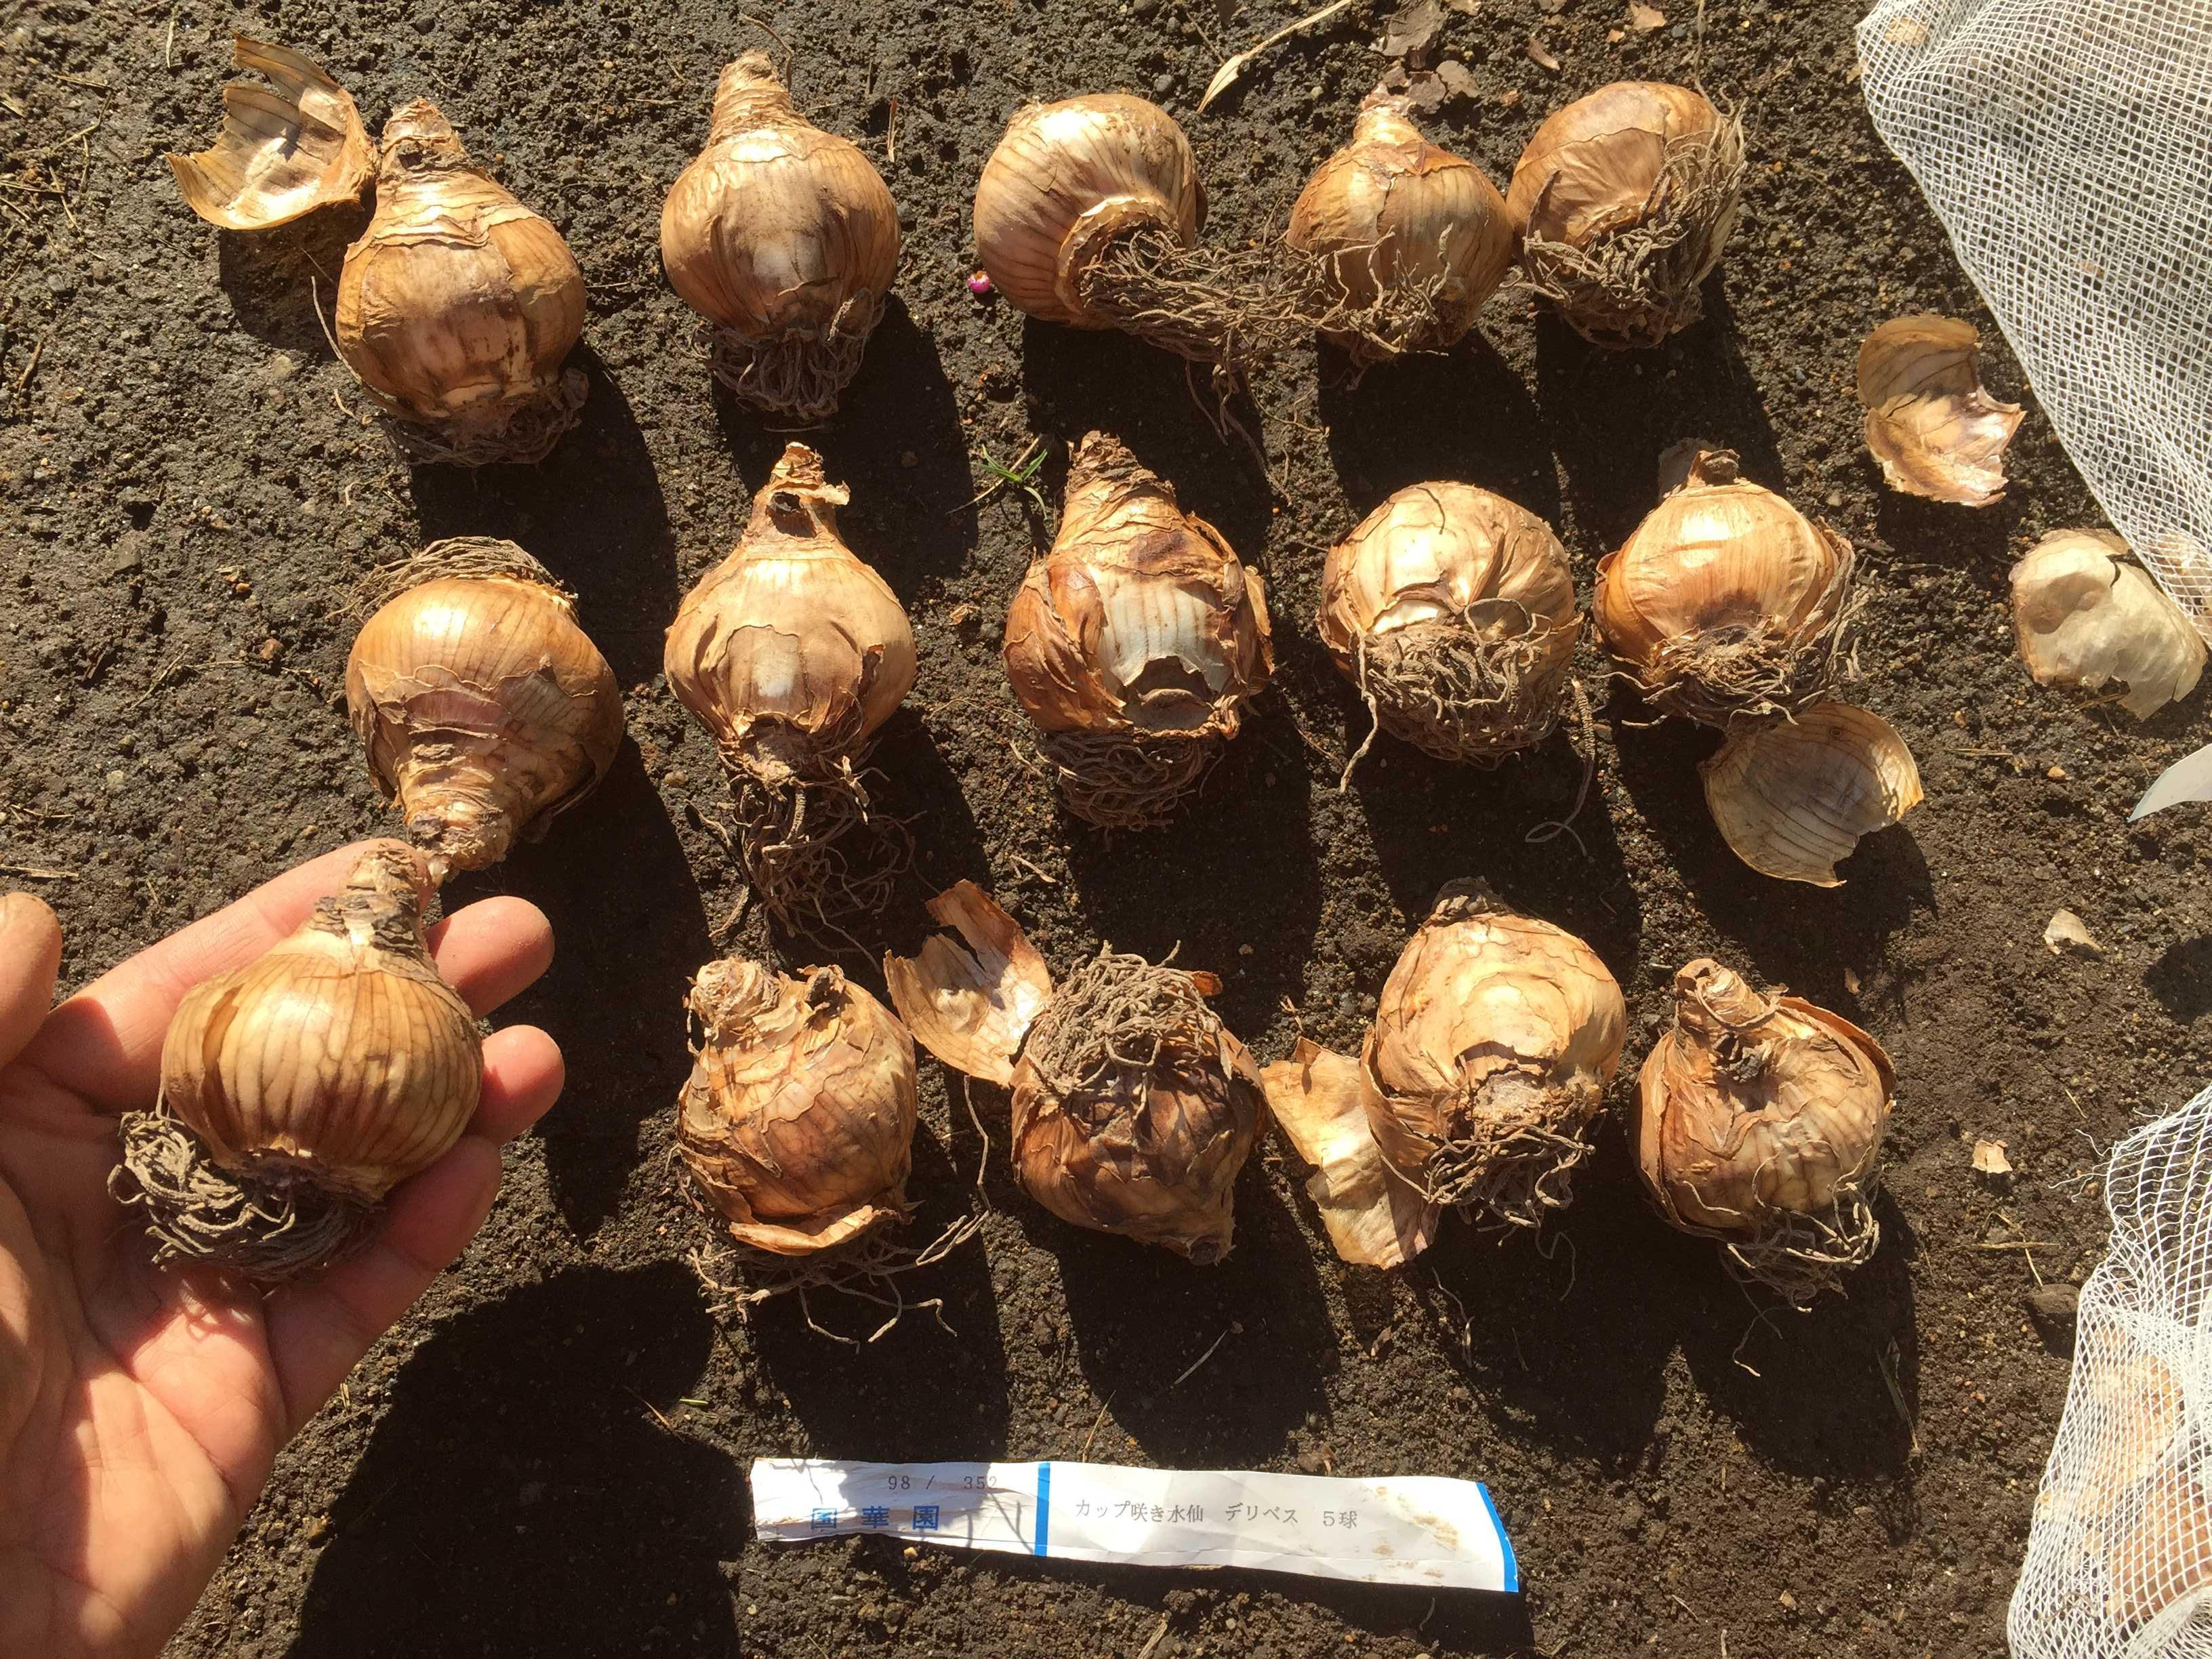 デリベスの球根 - 水仙の球根の植え方